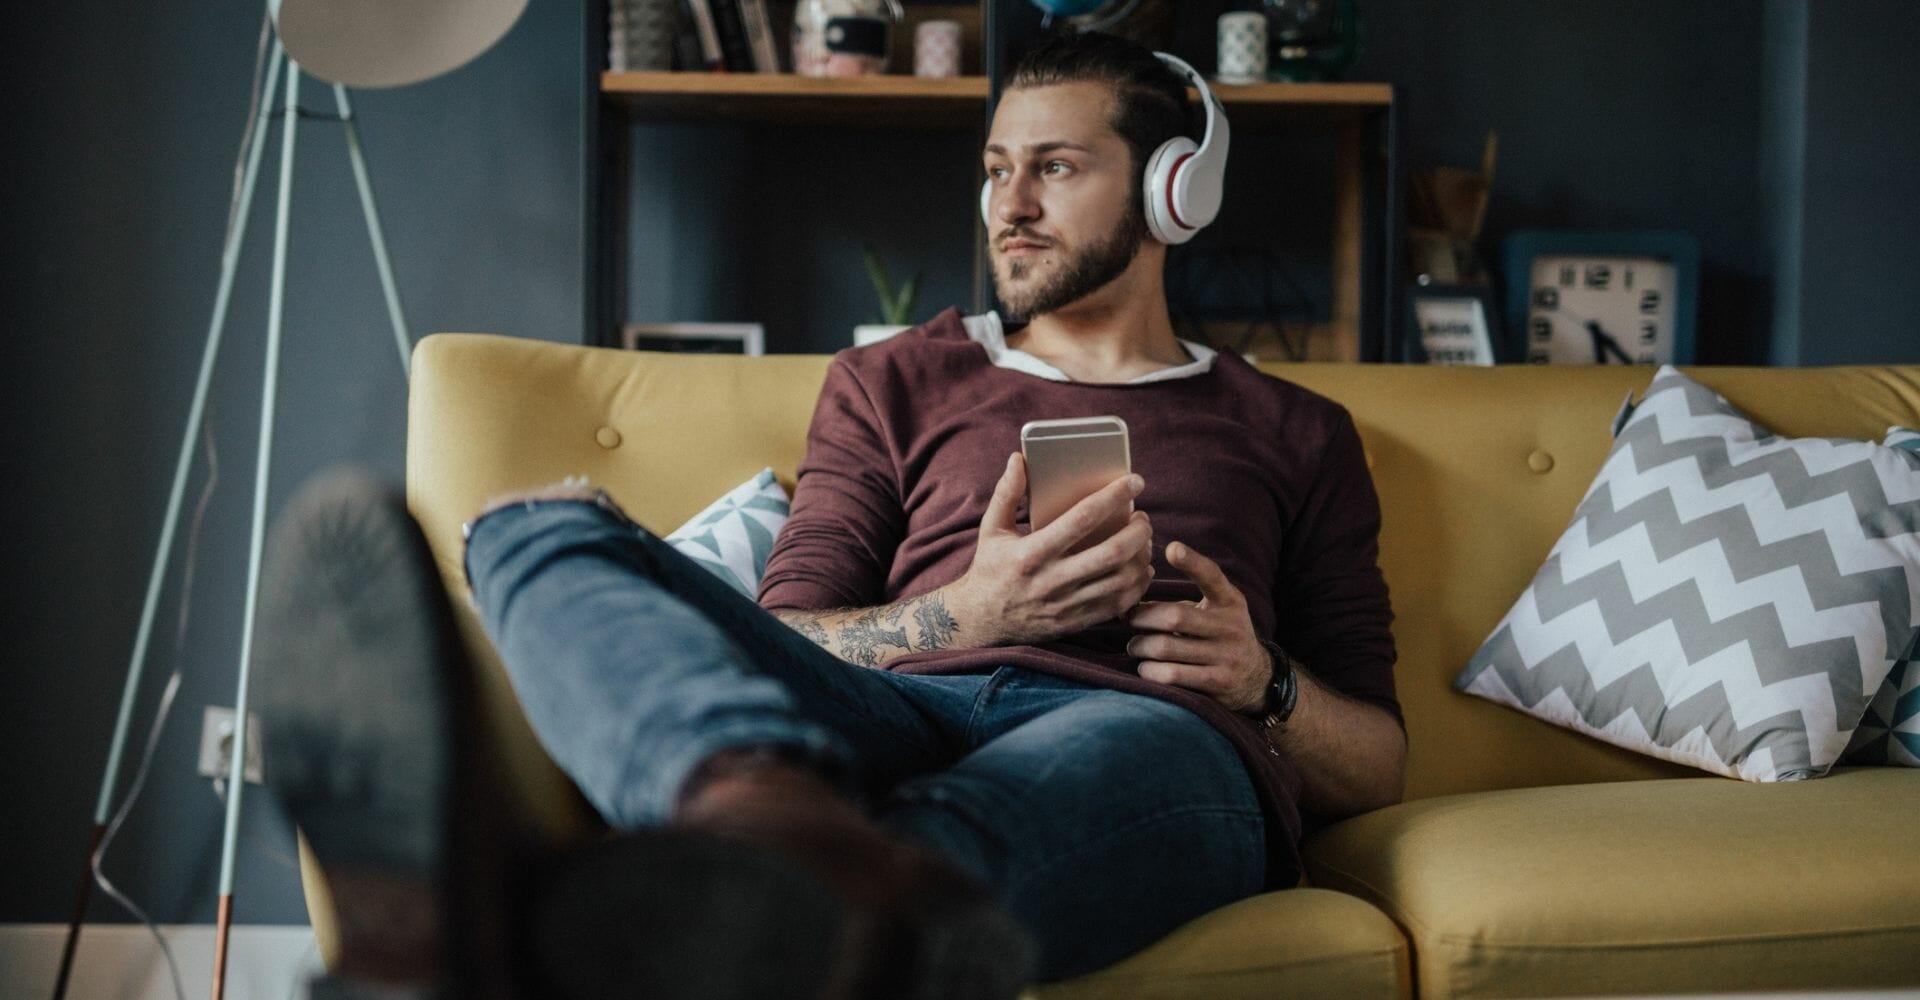 Podcast: in Italia ascoltatori (giovani) in crescita del +15%. Bene news, attualità e formazione